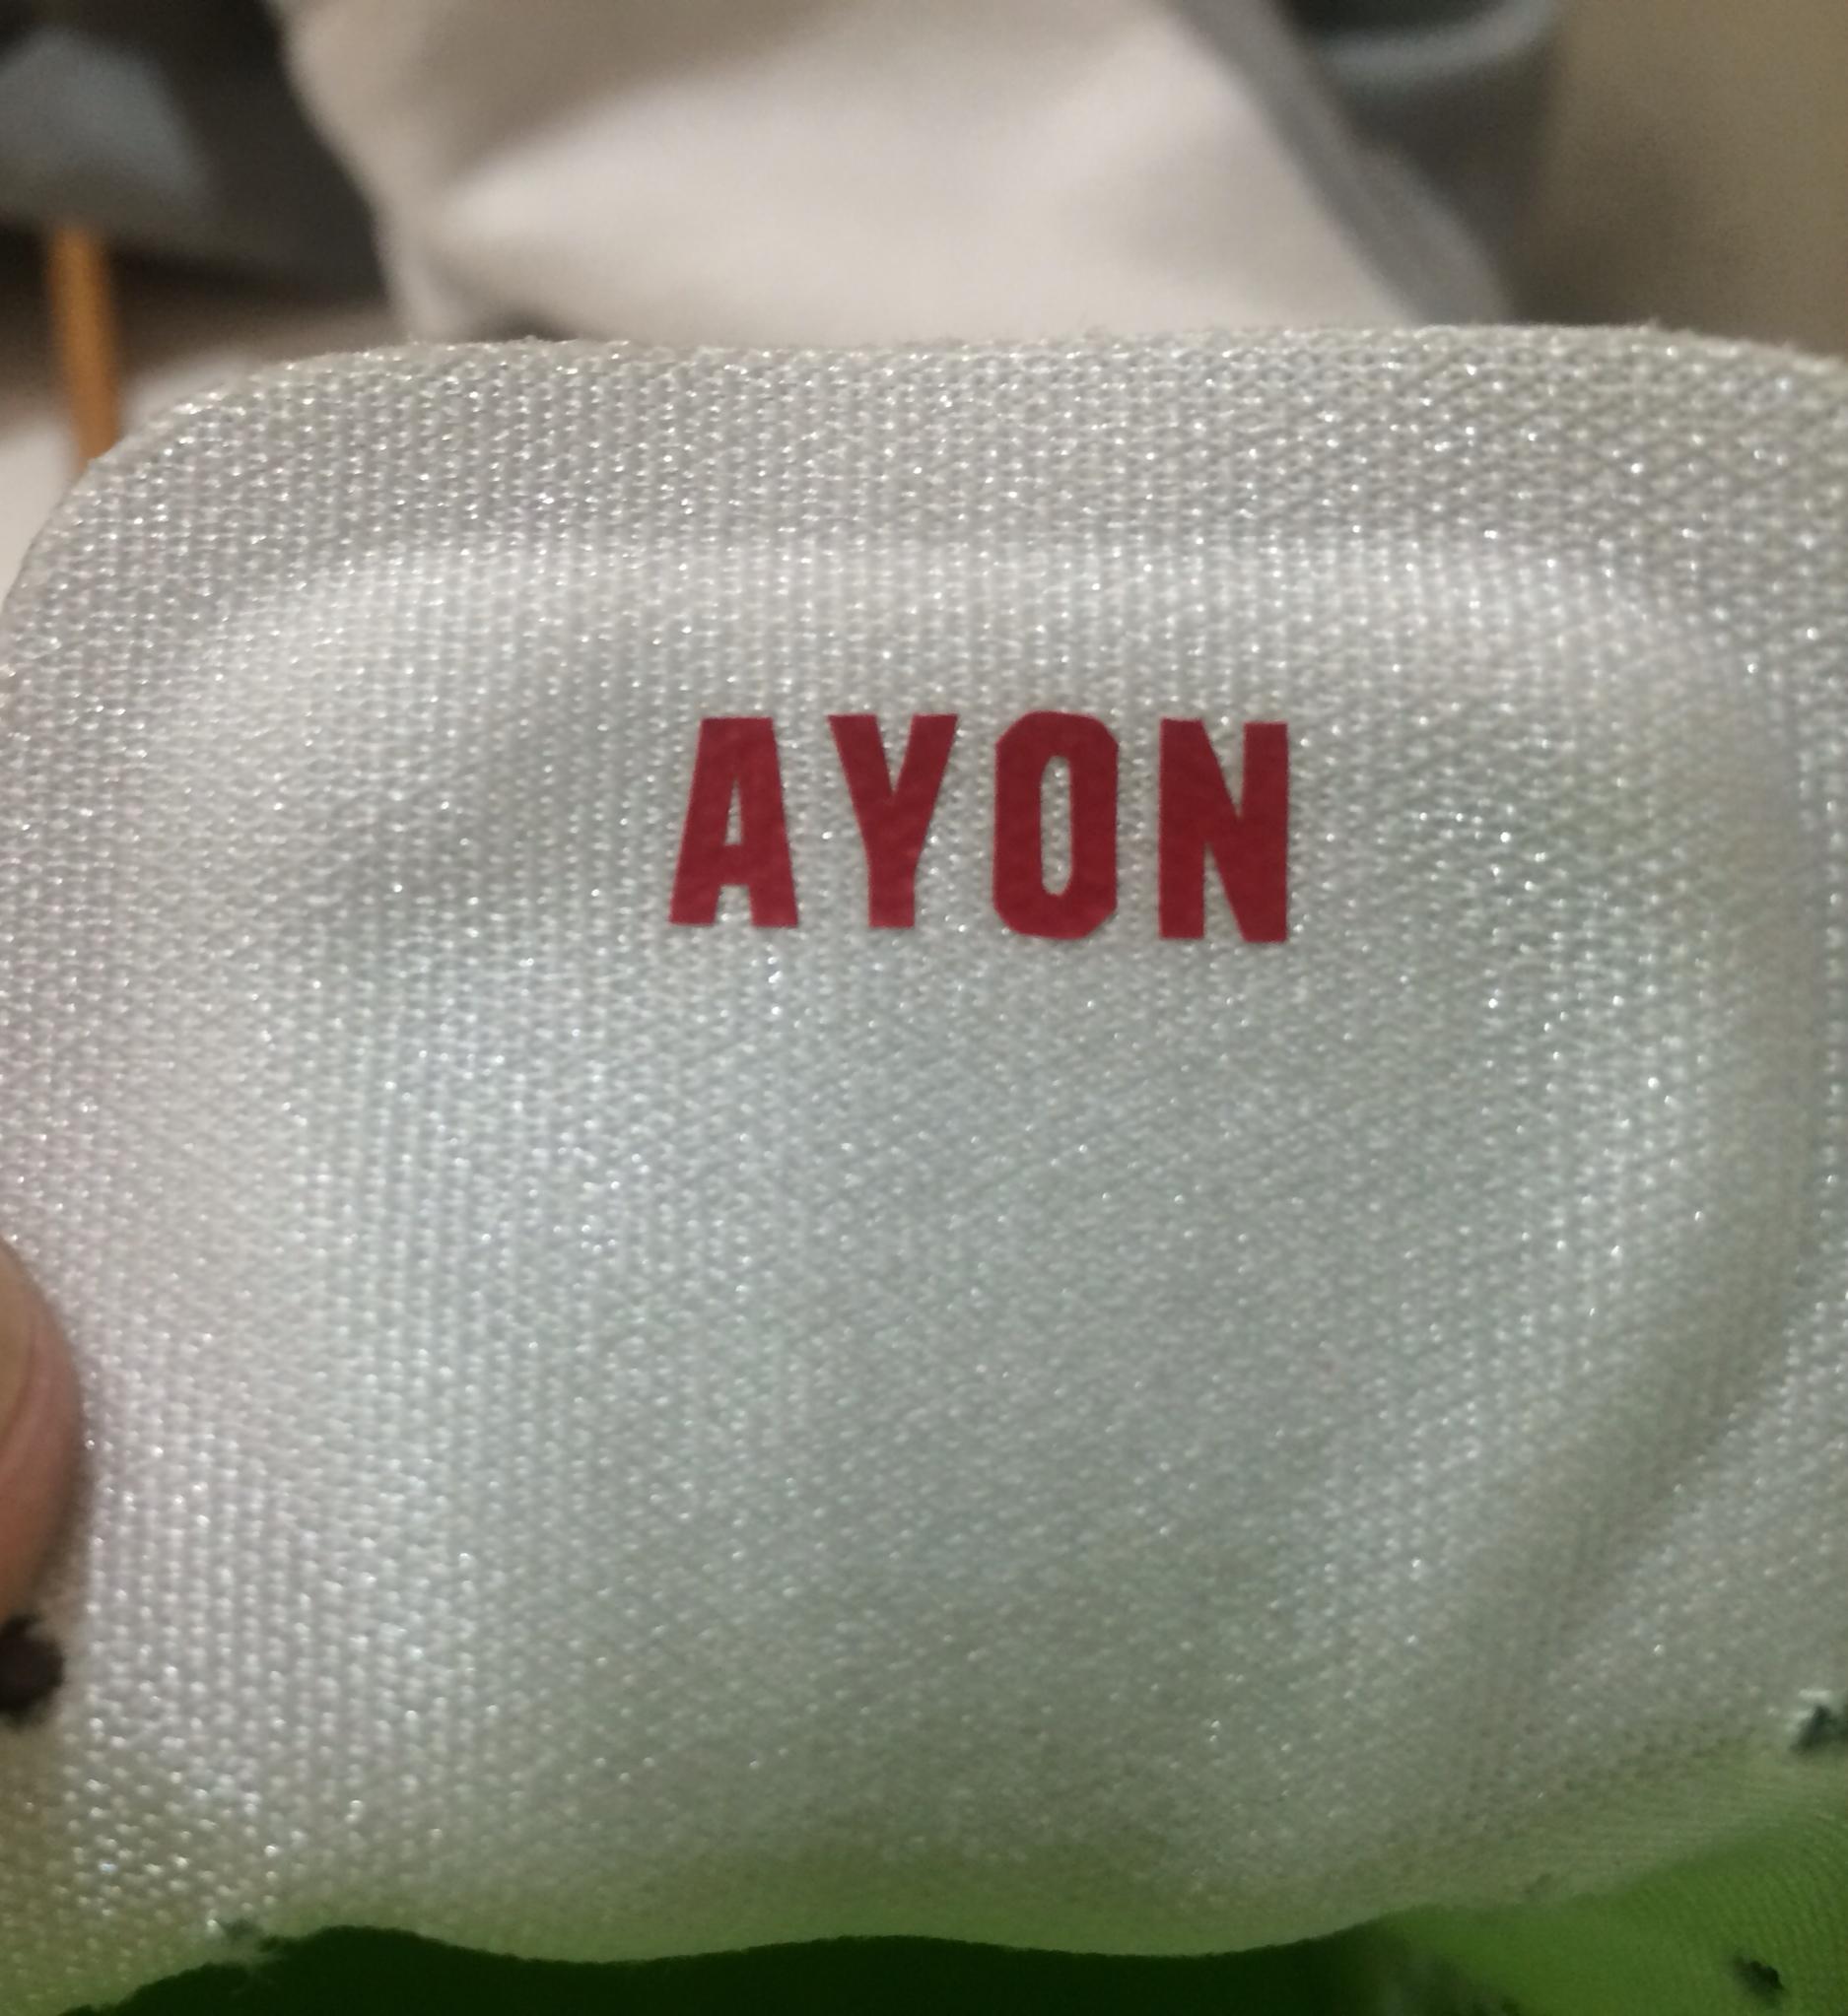 TENIS de gustavo AYON en viva basquet